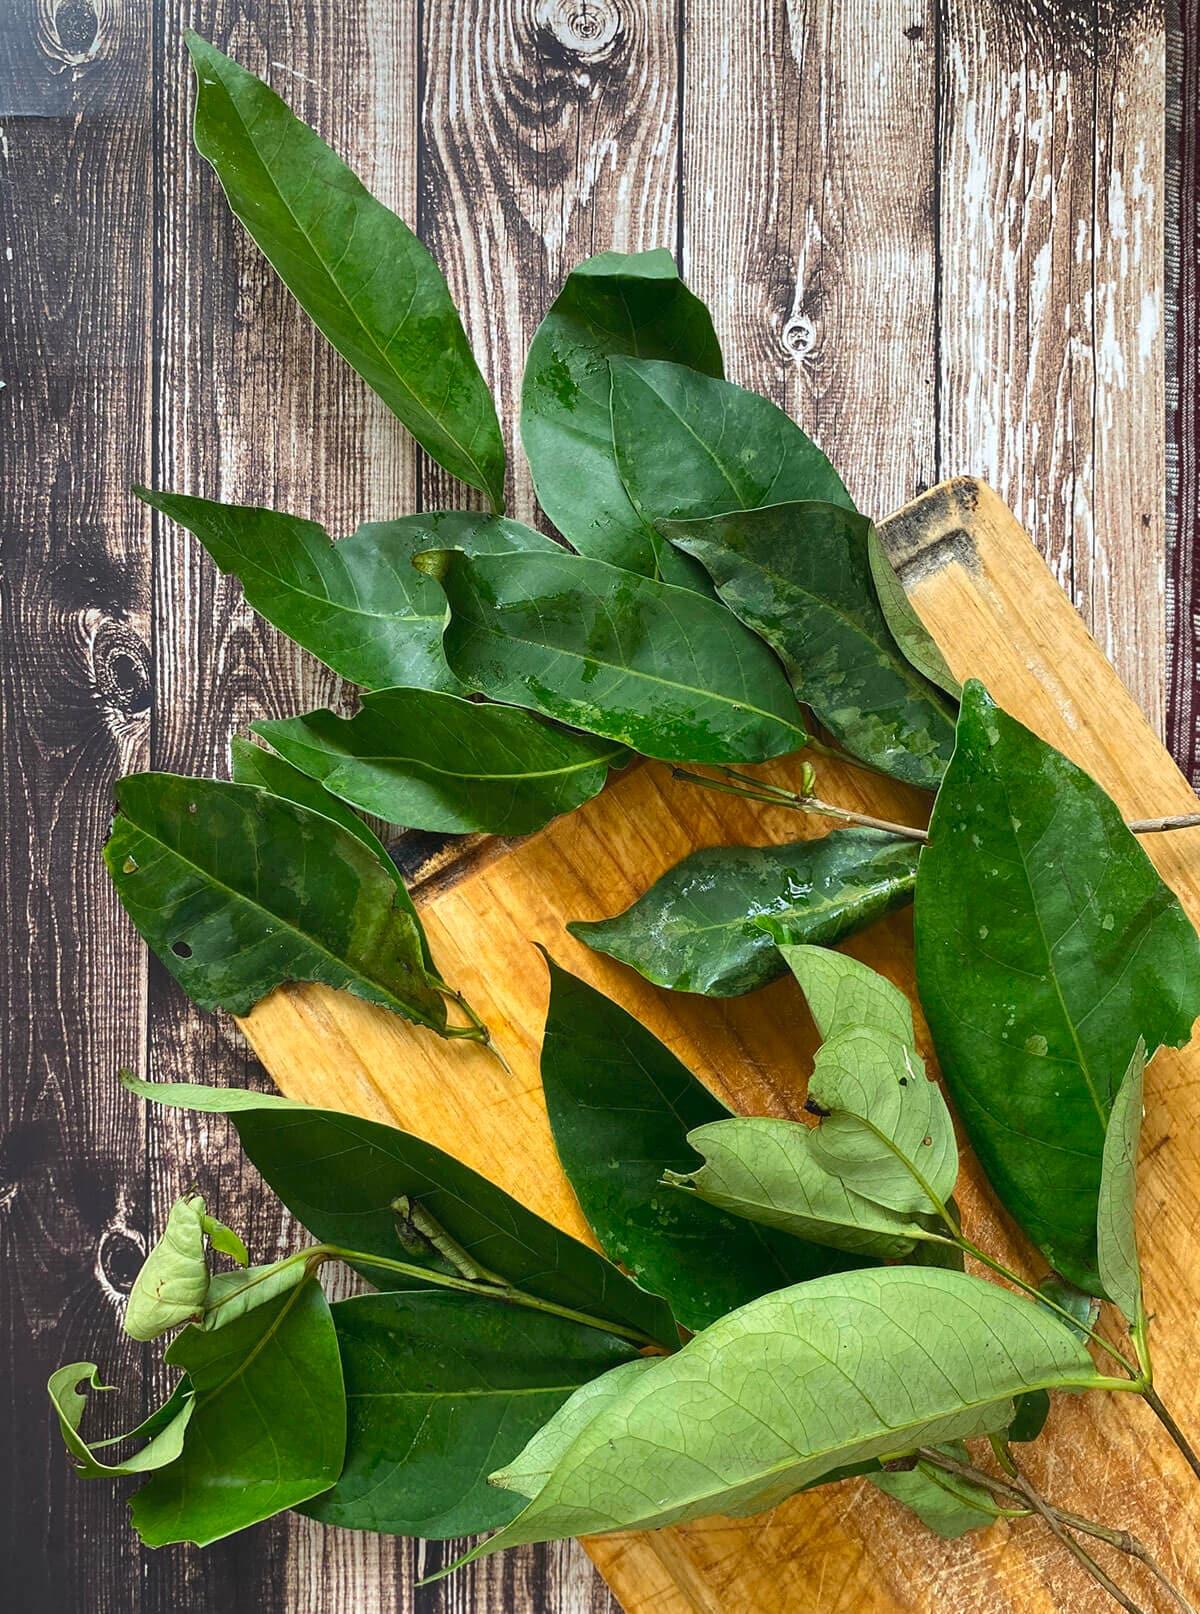 Beberapa helai daun salam di atas papan kayu